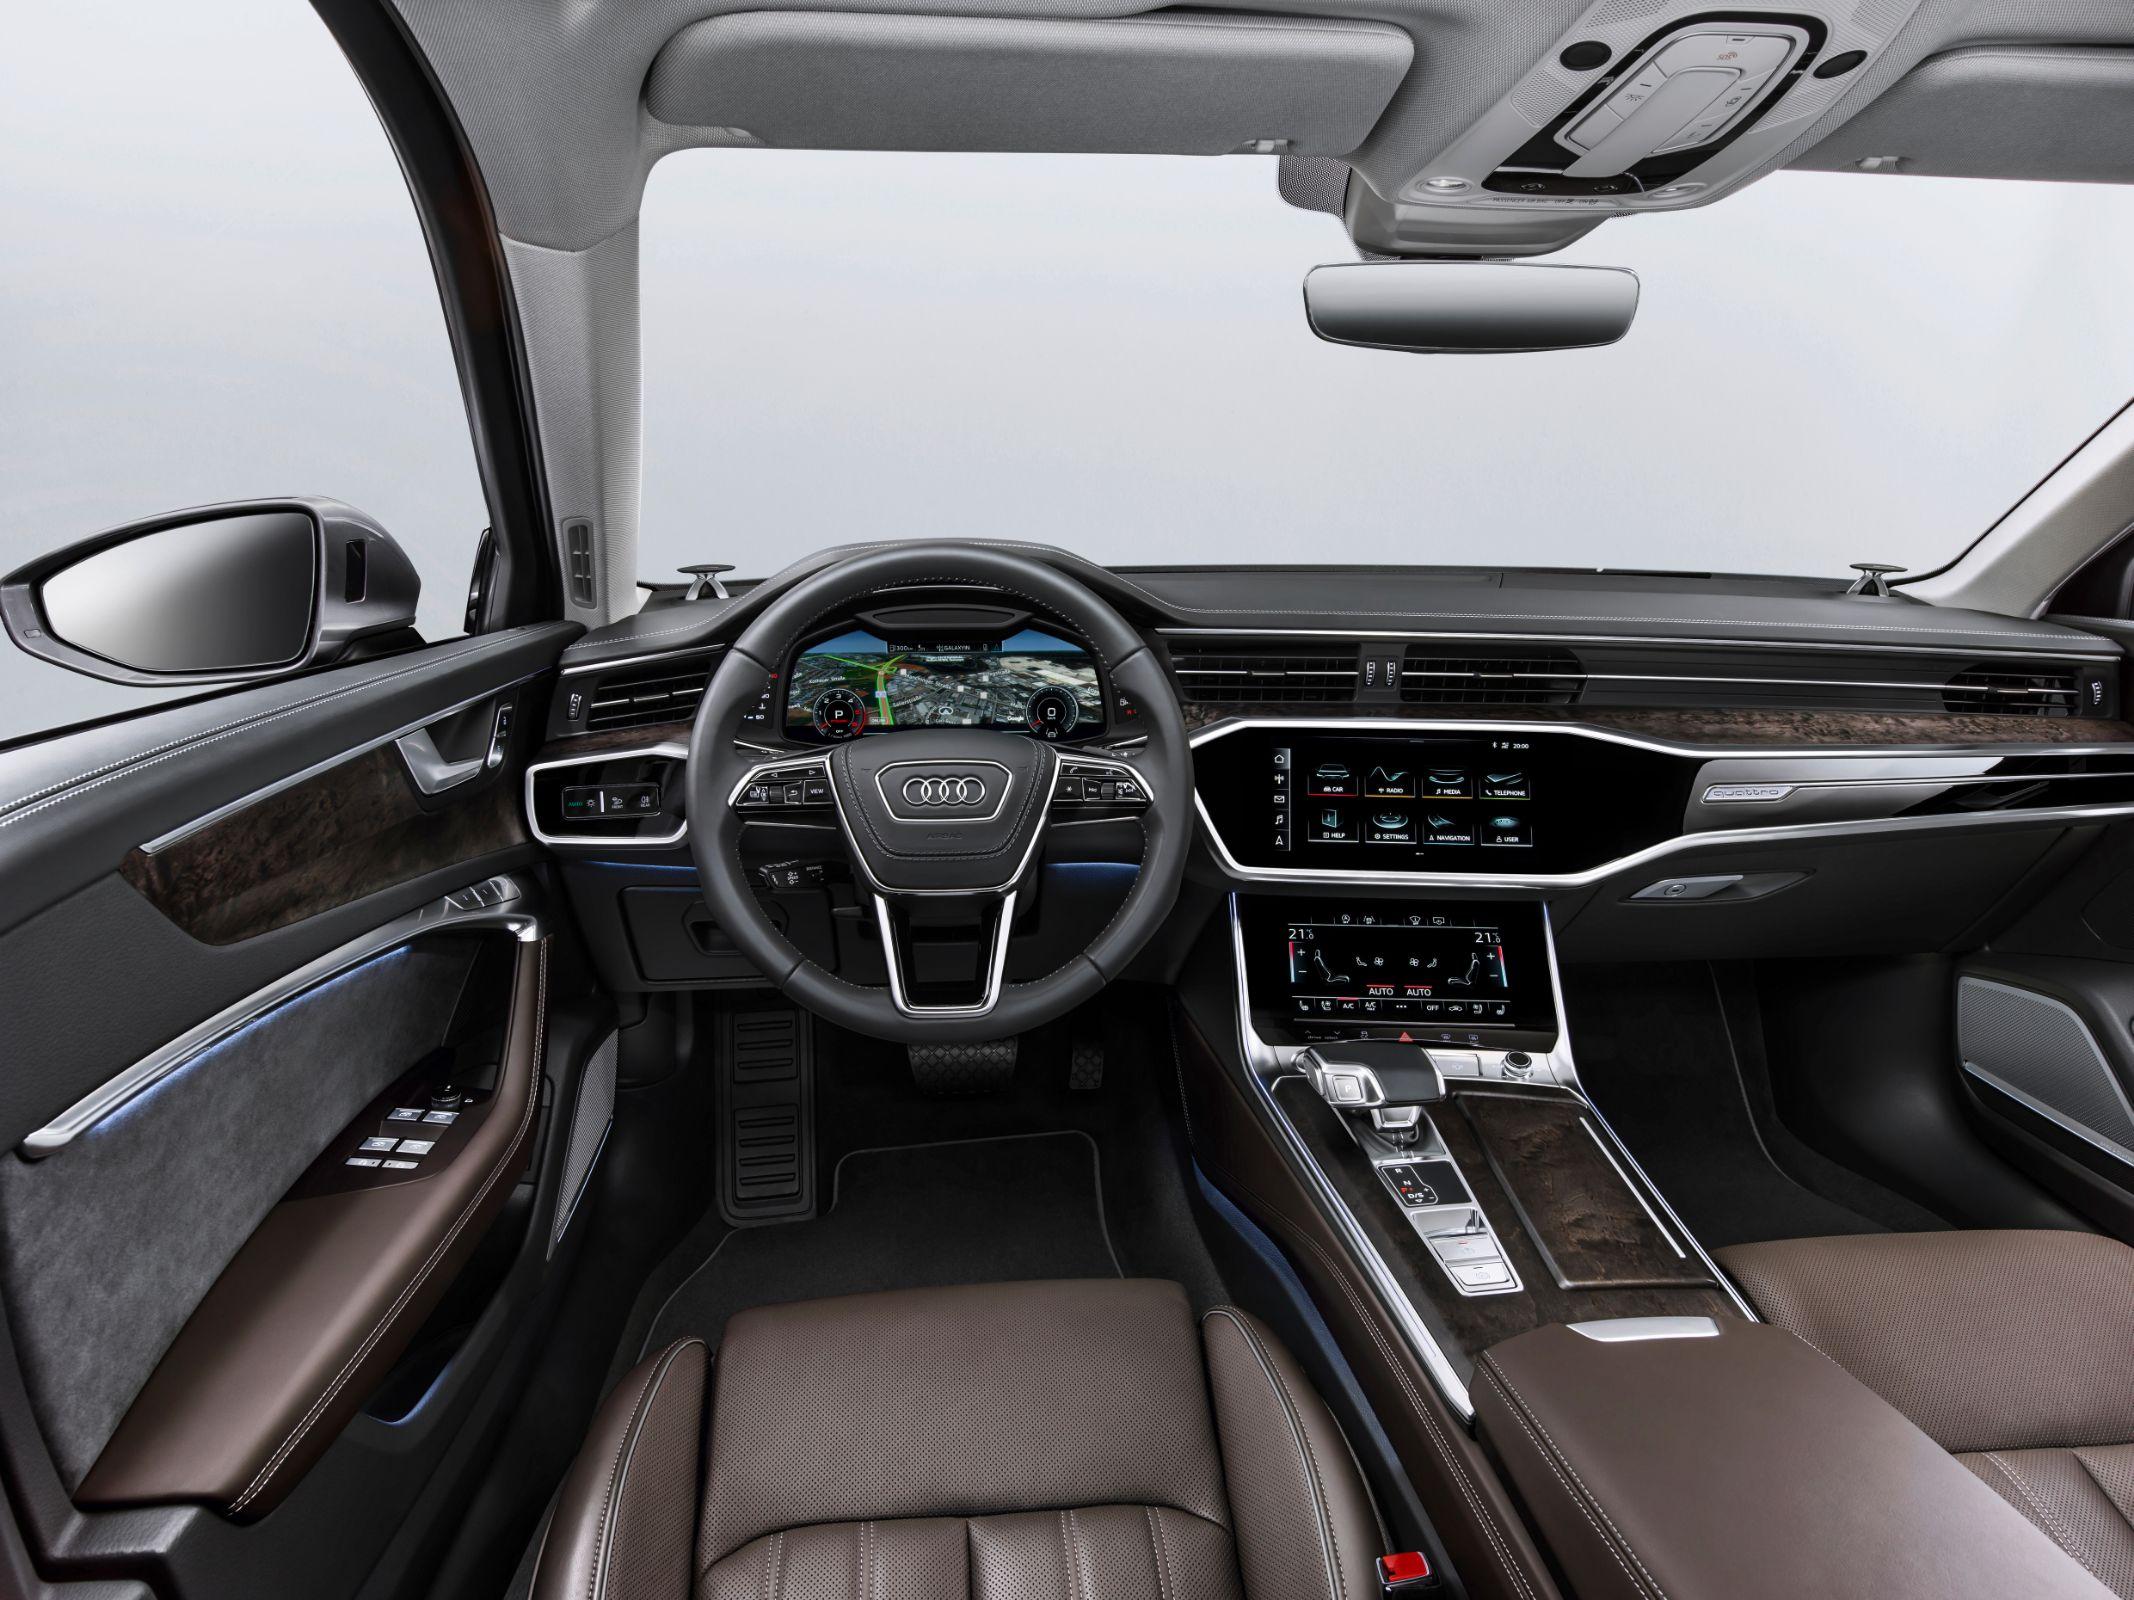 Audi A6 será apresentado no Salão do Automóvel de São Paulo. Modelo terá duas opções de motorização com tecnologia híbrida. Preços não foram divulgados.